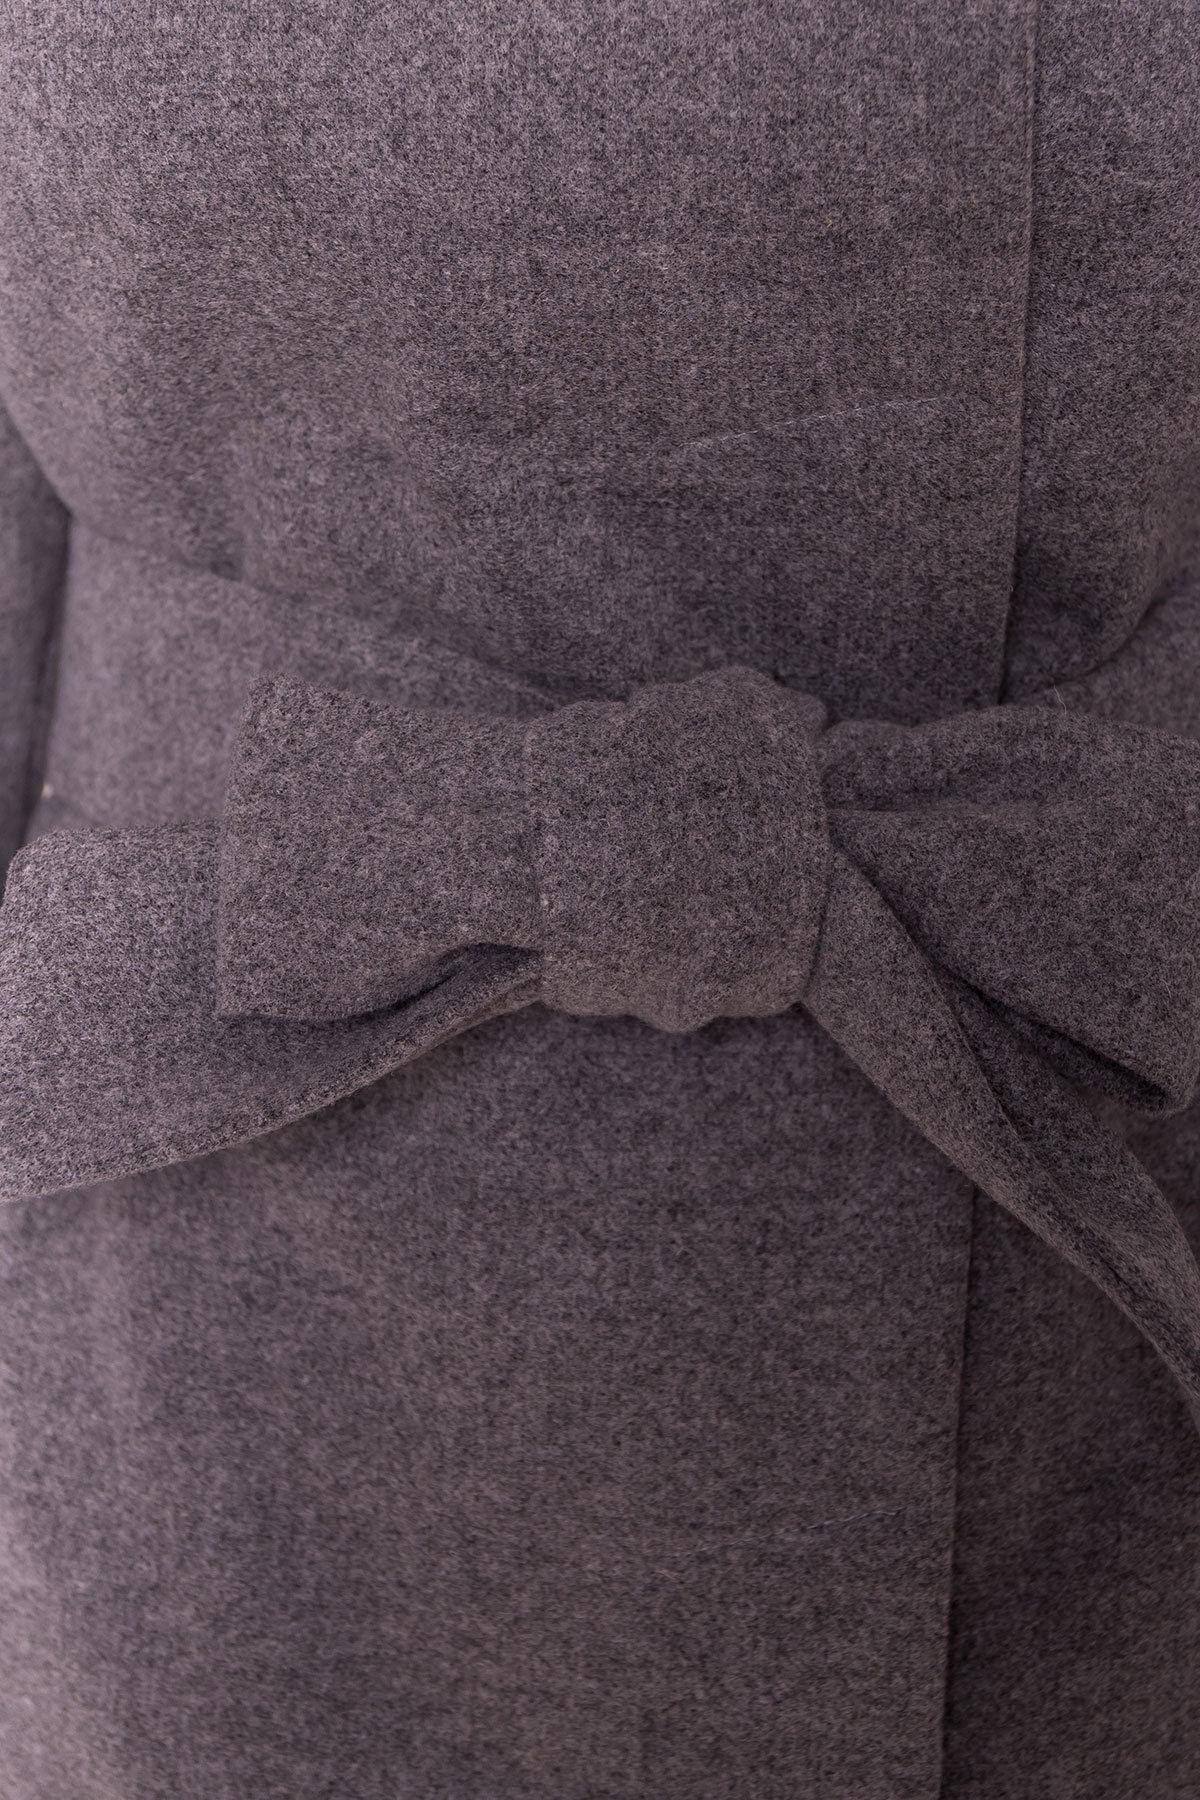 Зимнее приталенное пальто с поясом Богема 5706 АРТ. 38000 Цвет: Серый 18 - фото 6, интернет магазин tm-modus.ru